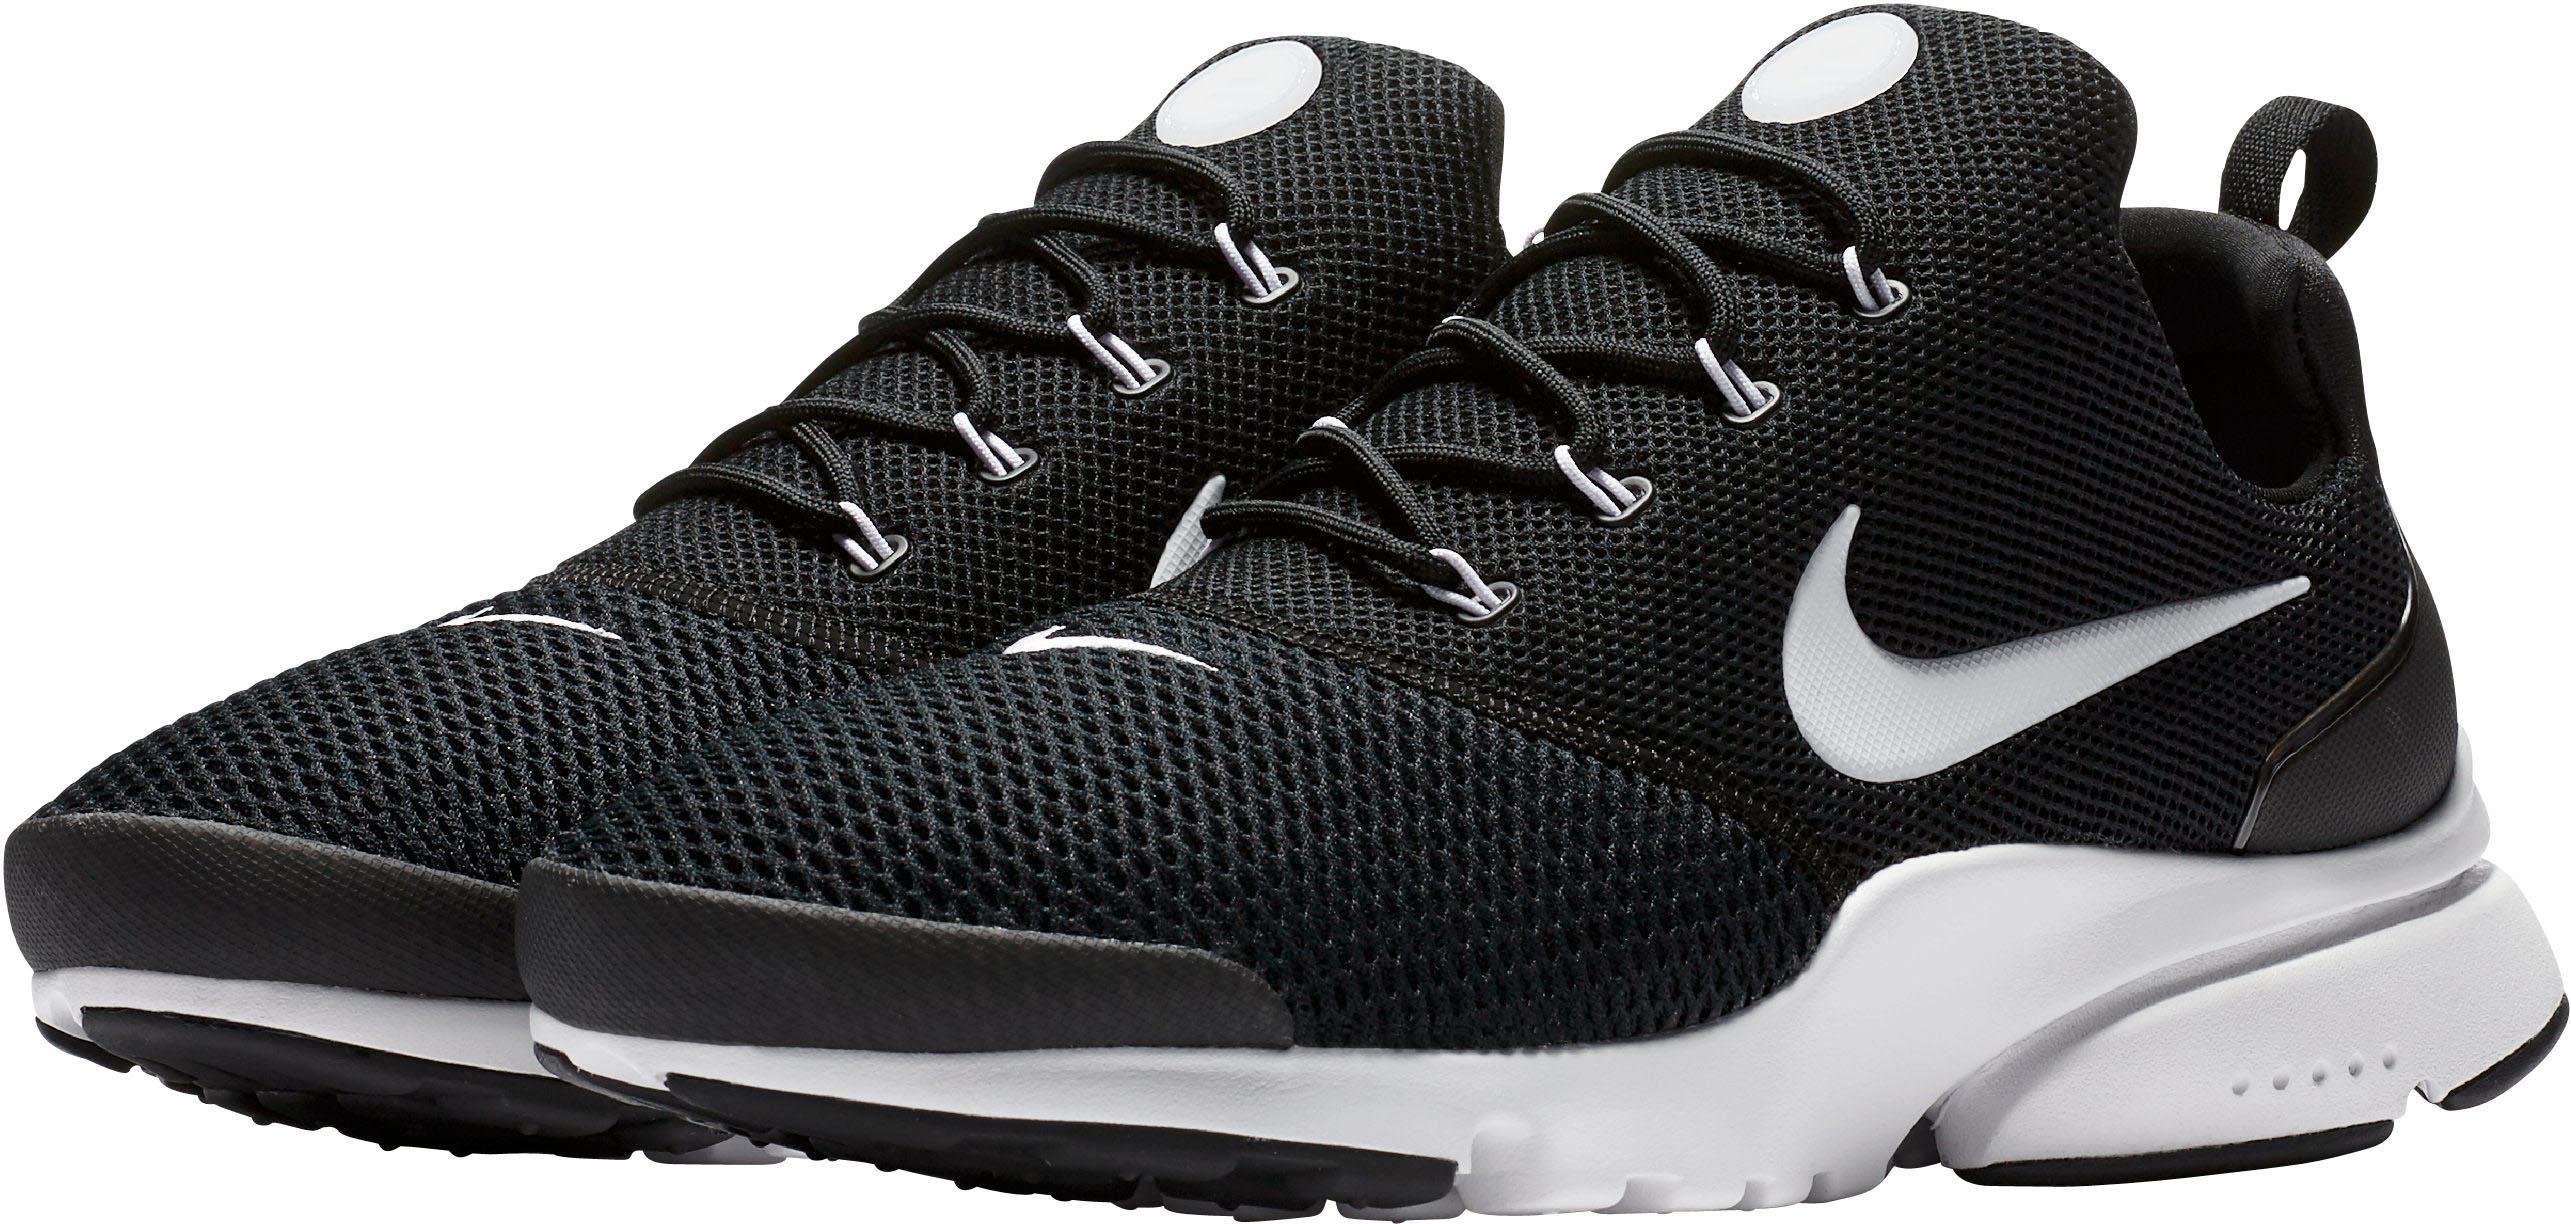 Nike Sportswear »Presto Fly« Sneaker, Sportlicher Sneaker von Nike online kaufen   OTTO